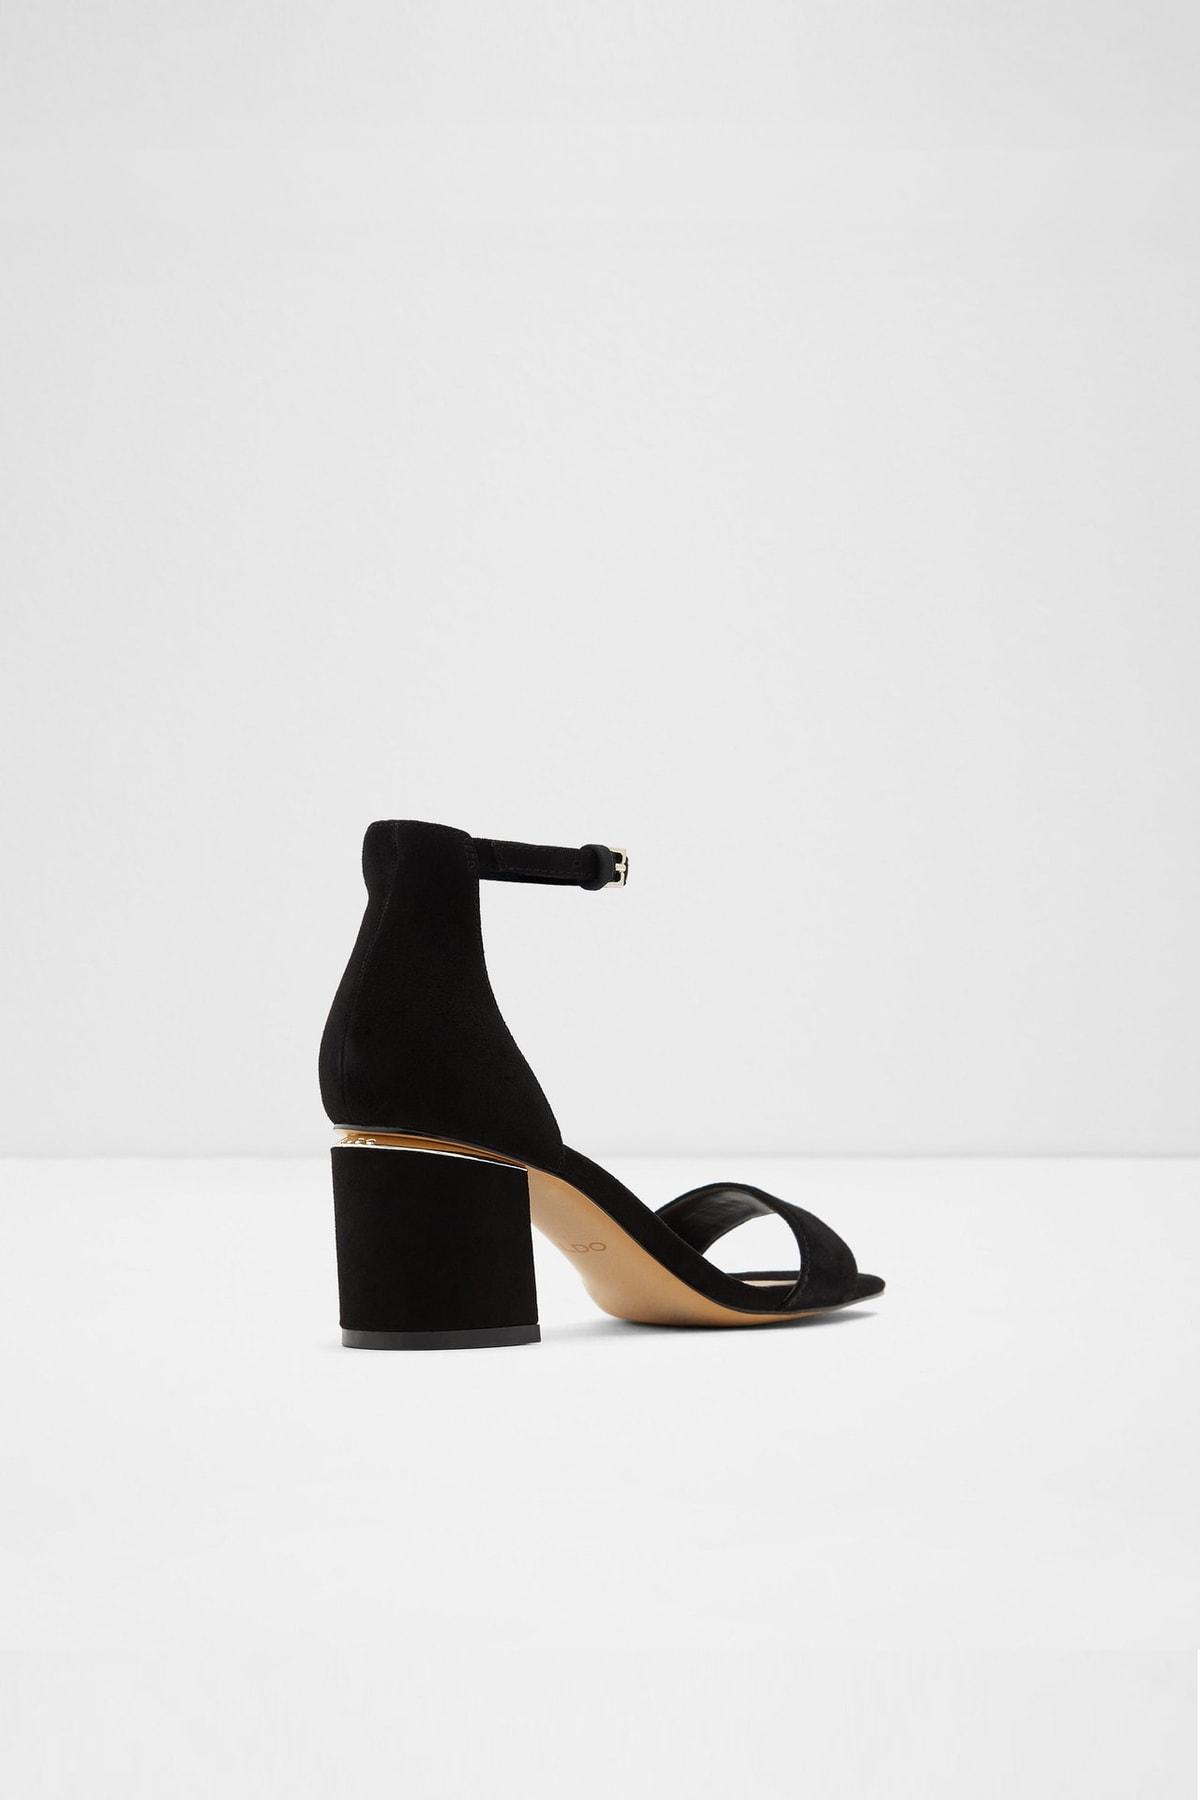 Aldo Valentına - Siyah Orta Topuklu Sandalet 2